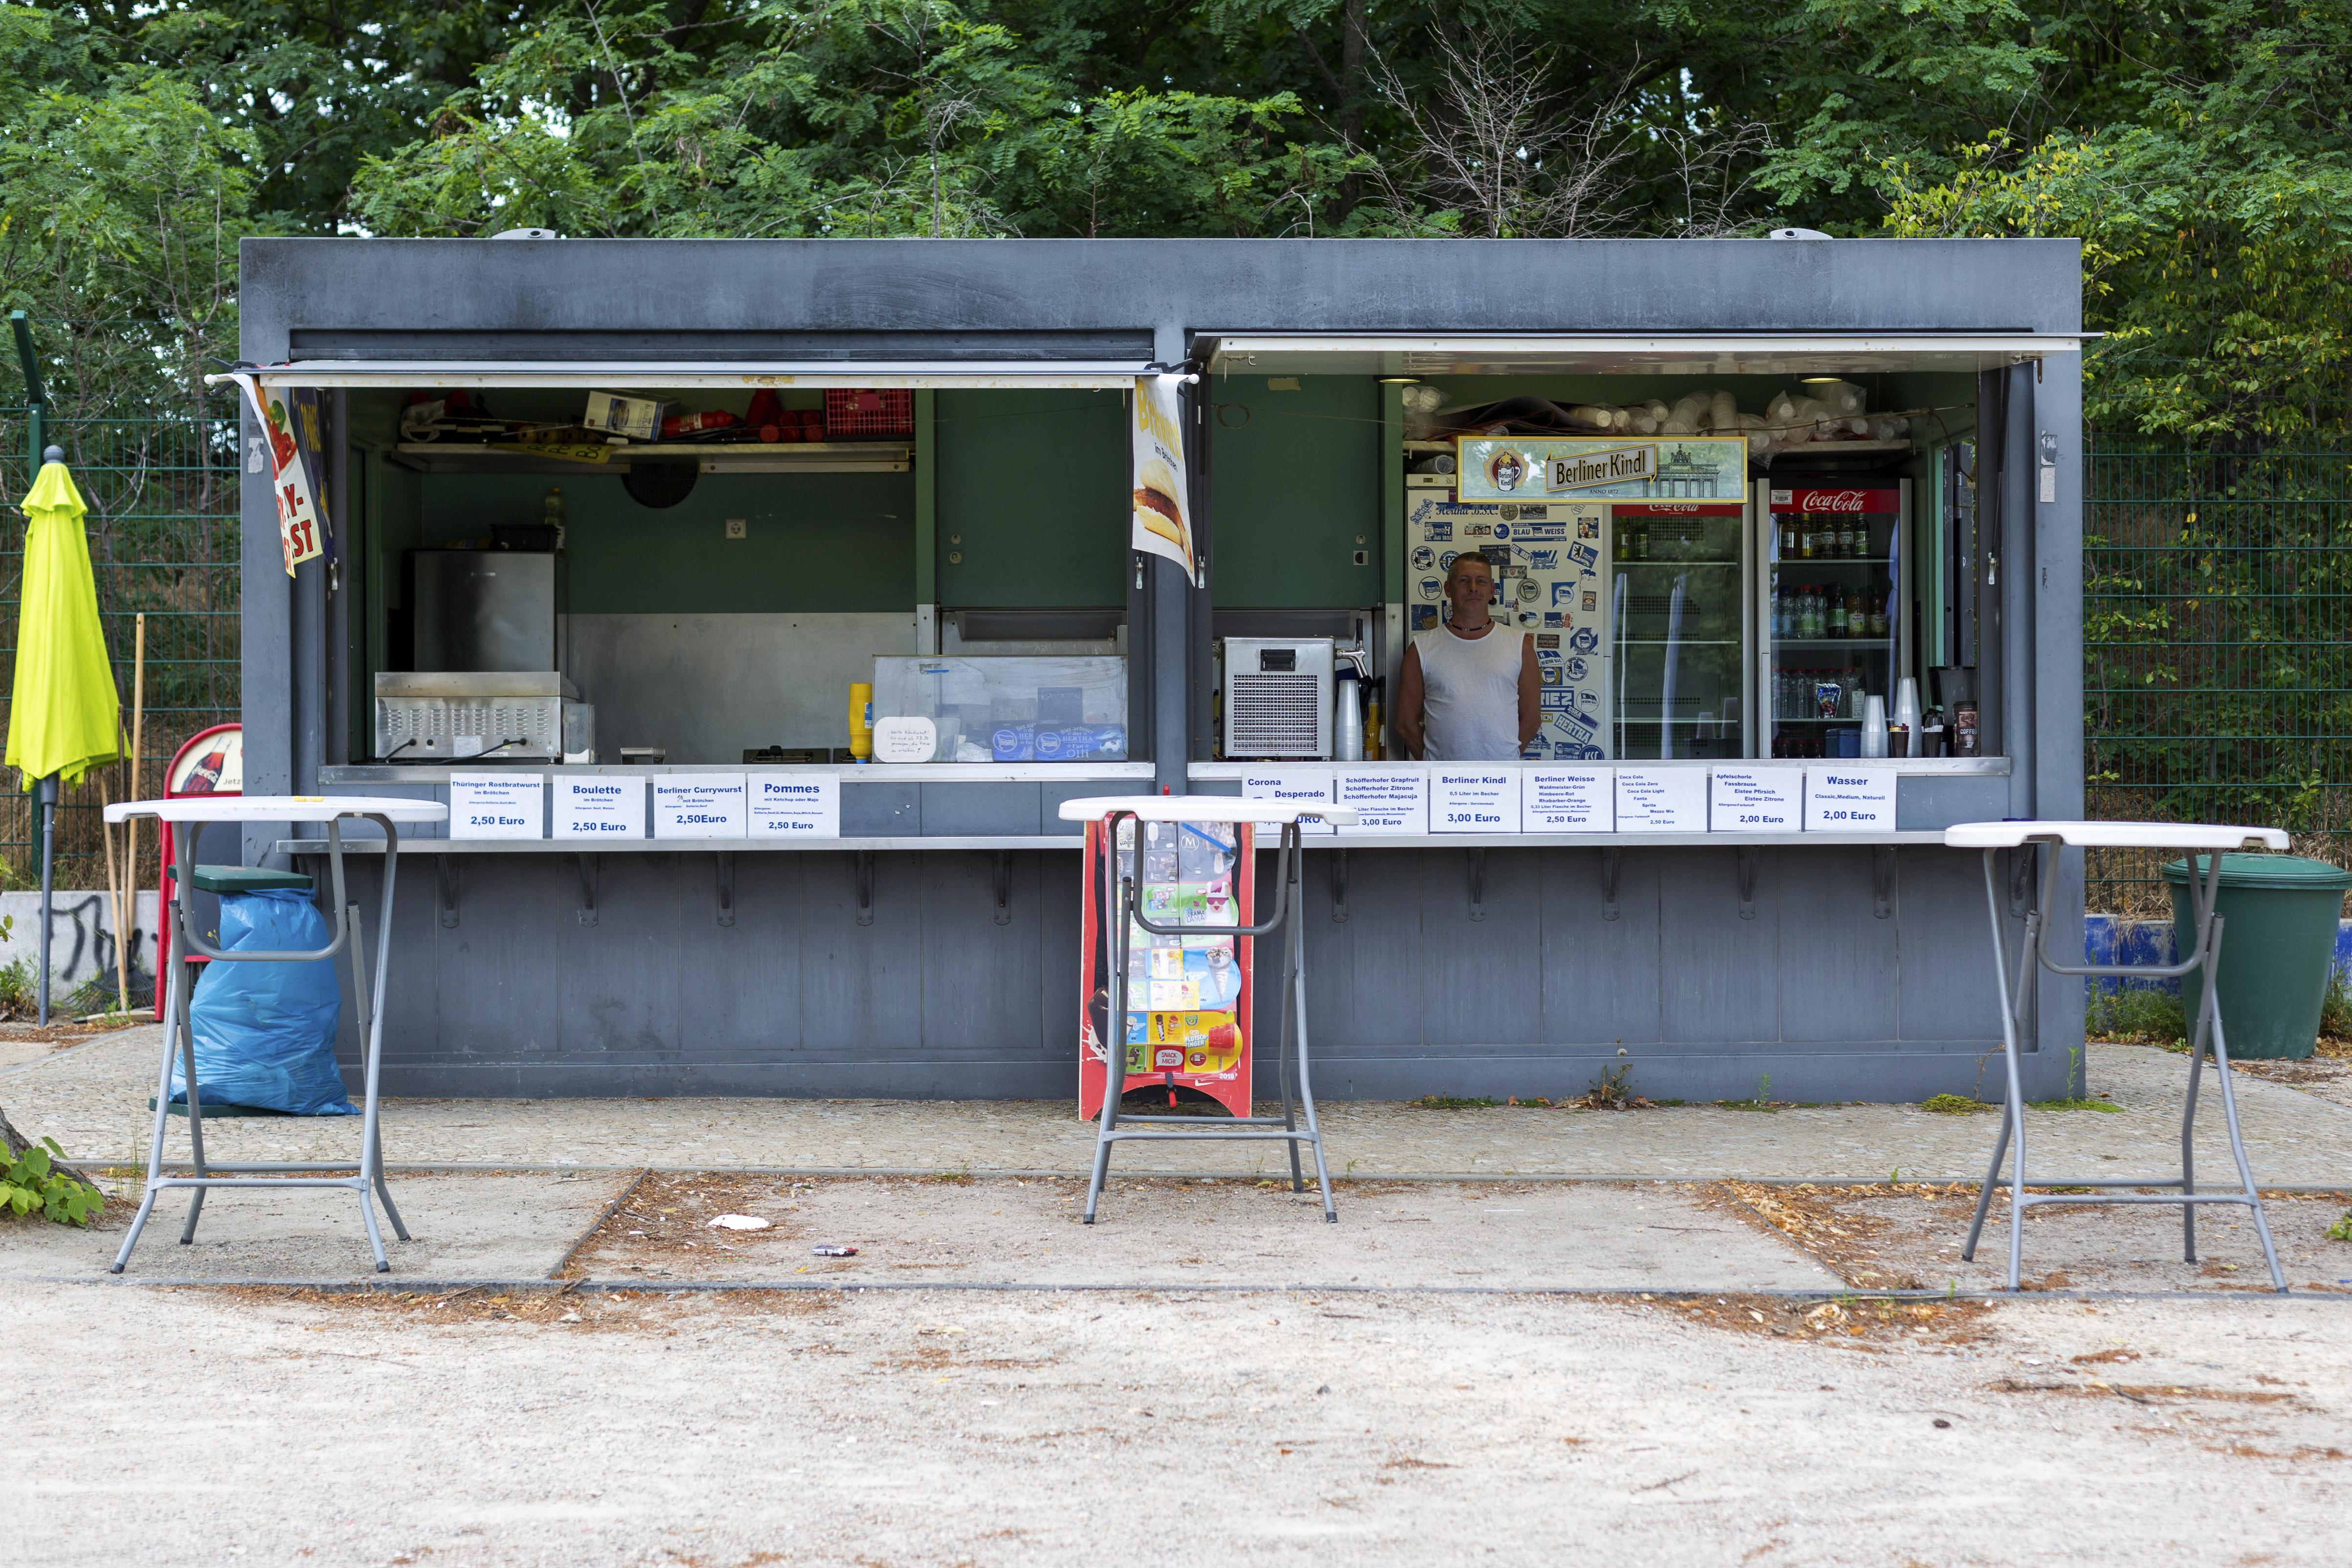 125x125 www.berliner-kurier.de